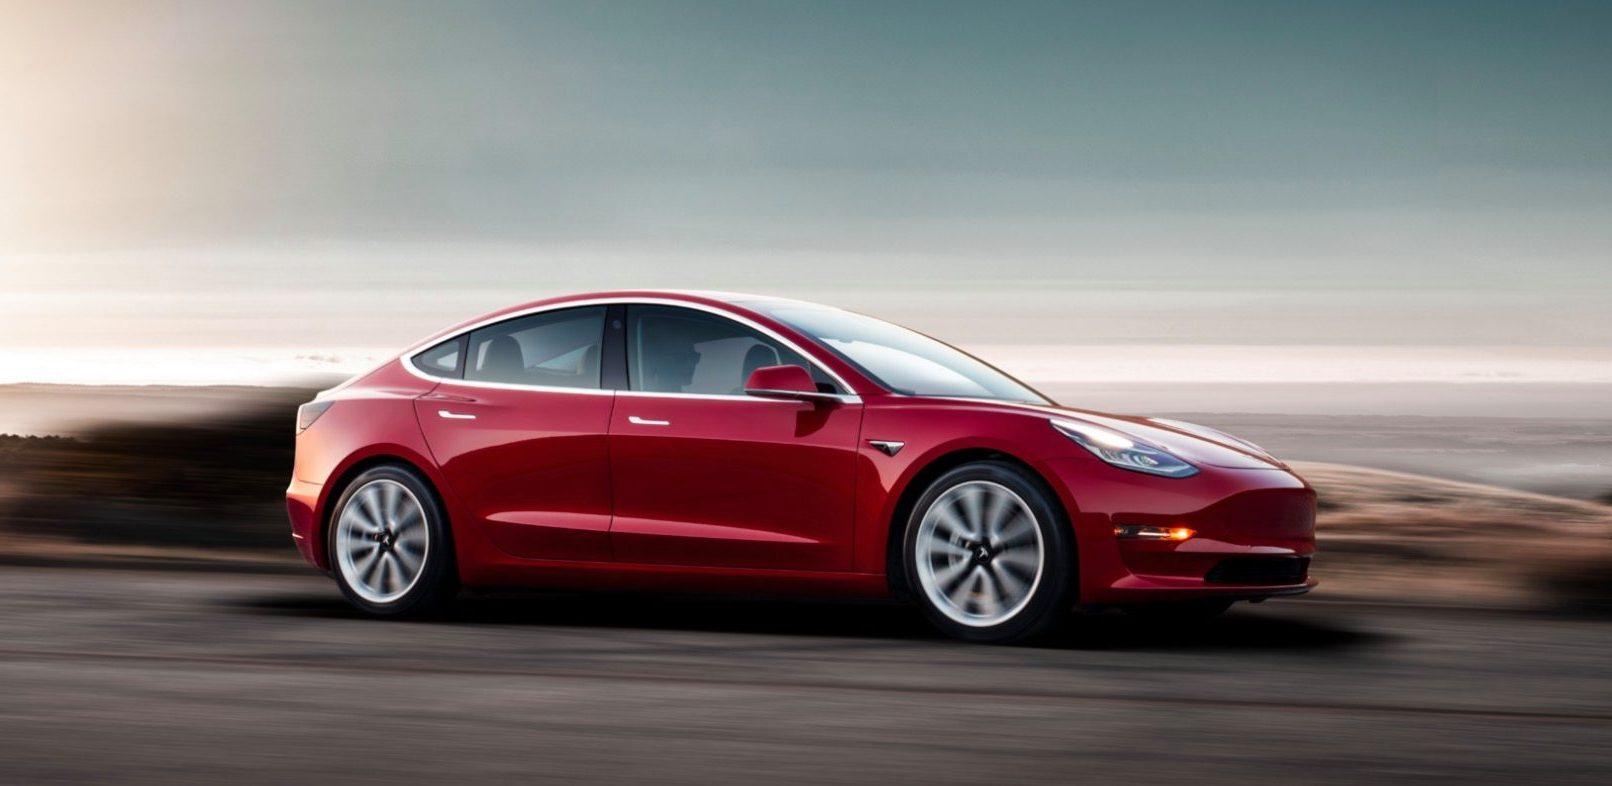 Tesla model 3 stock image